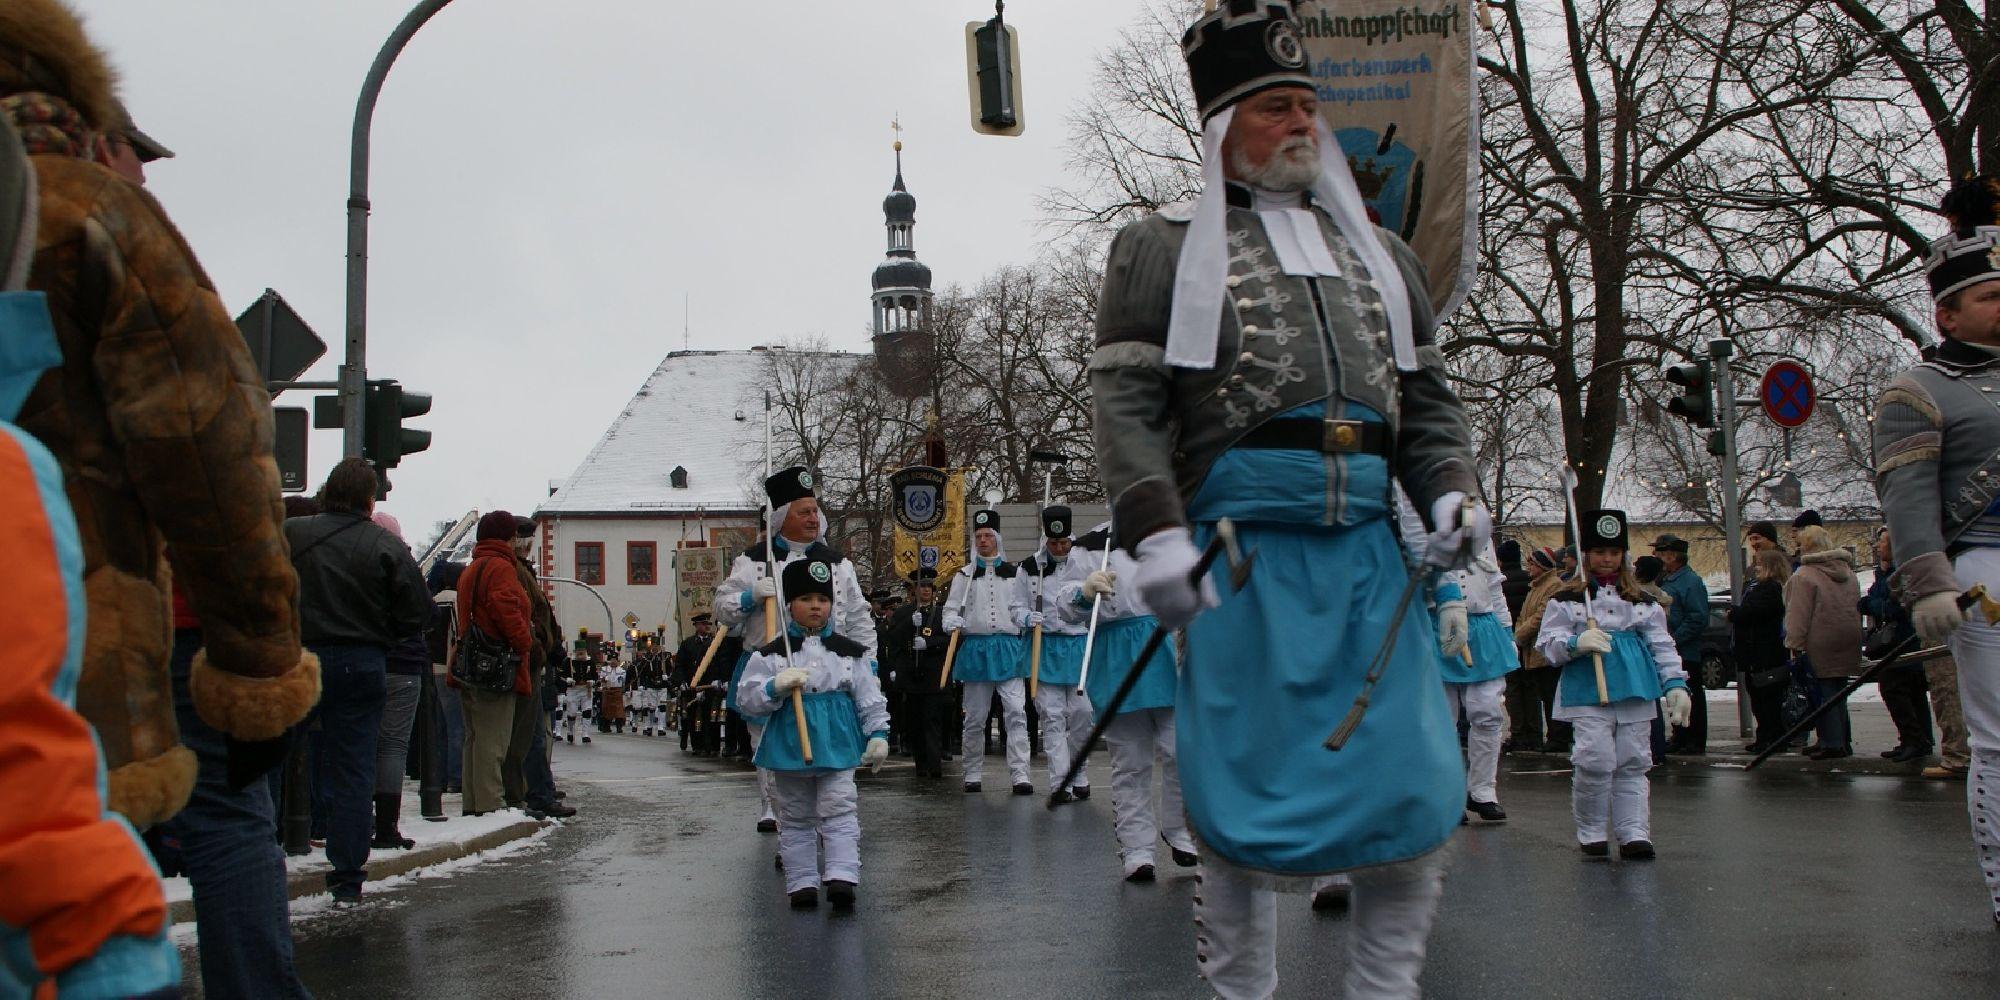 Hüttenknappschaft Zschopenthal